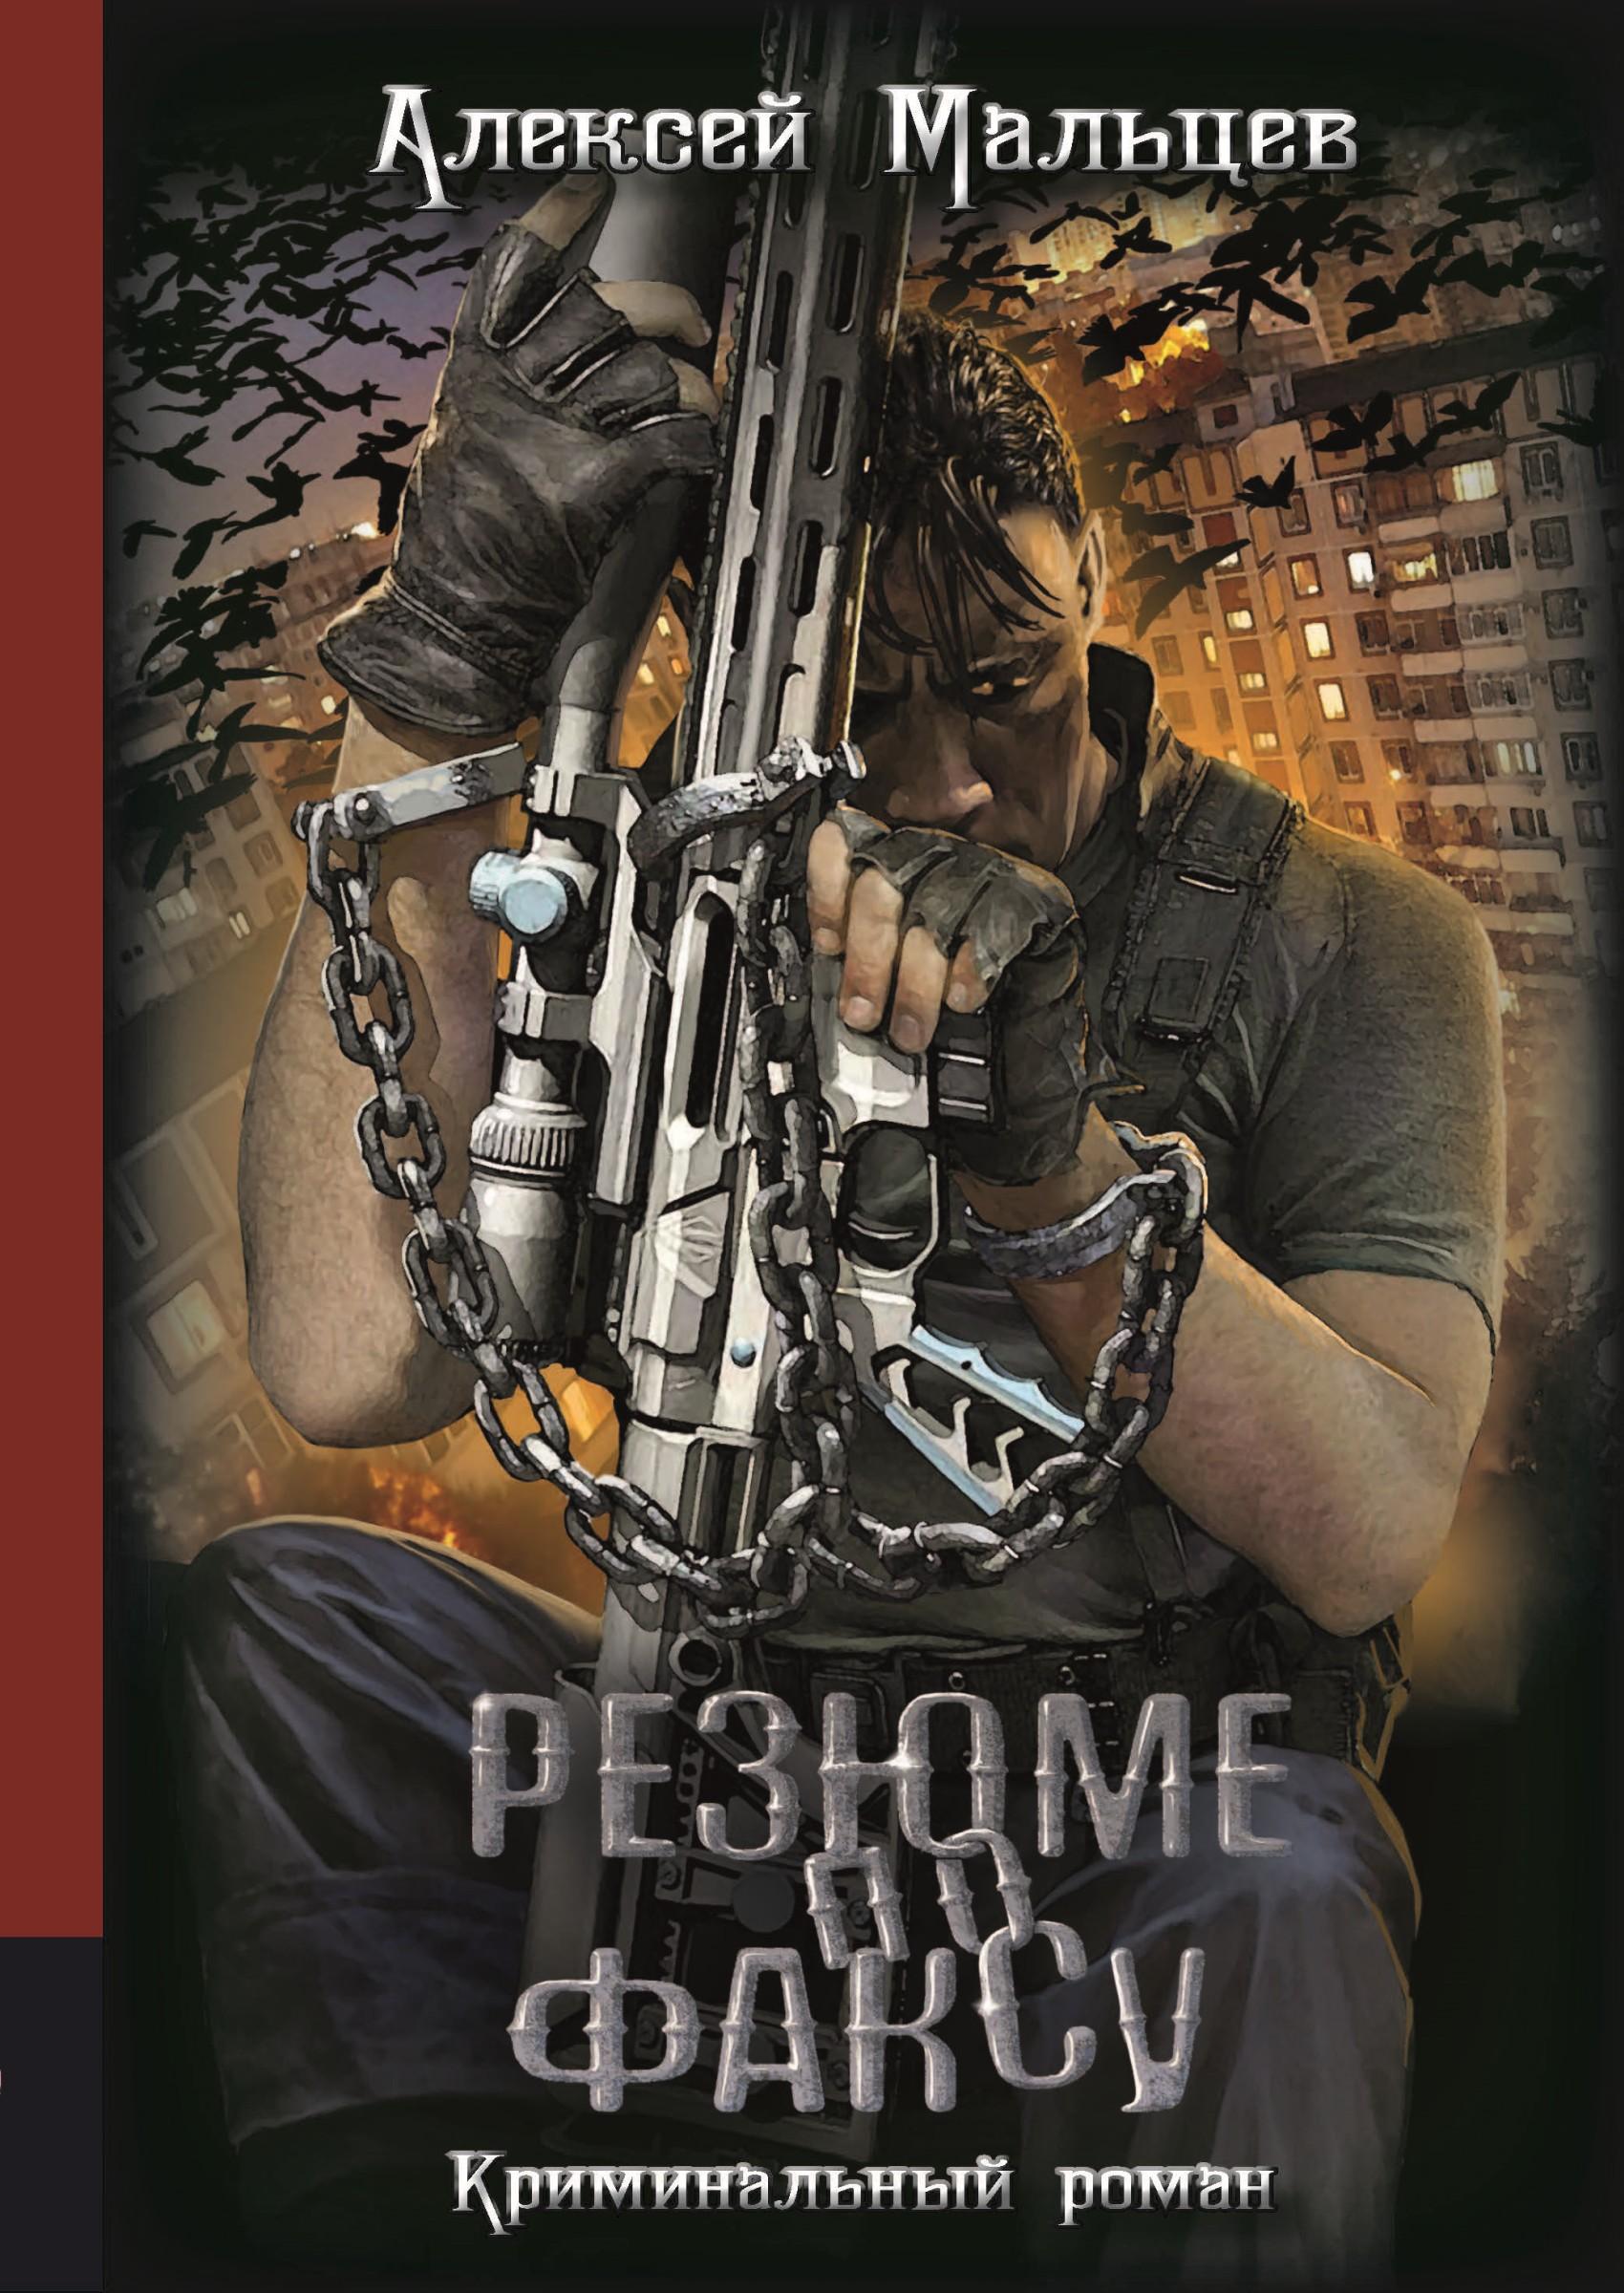 Купить книгу Резюме по факсу, автора Алексея Мальцева